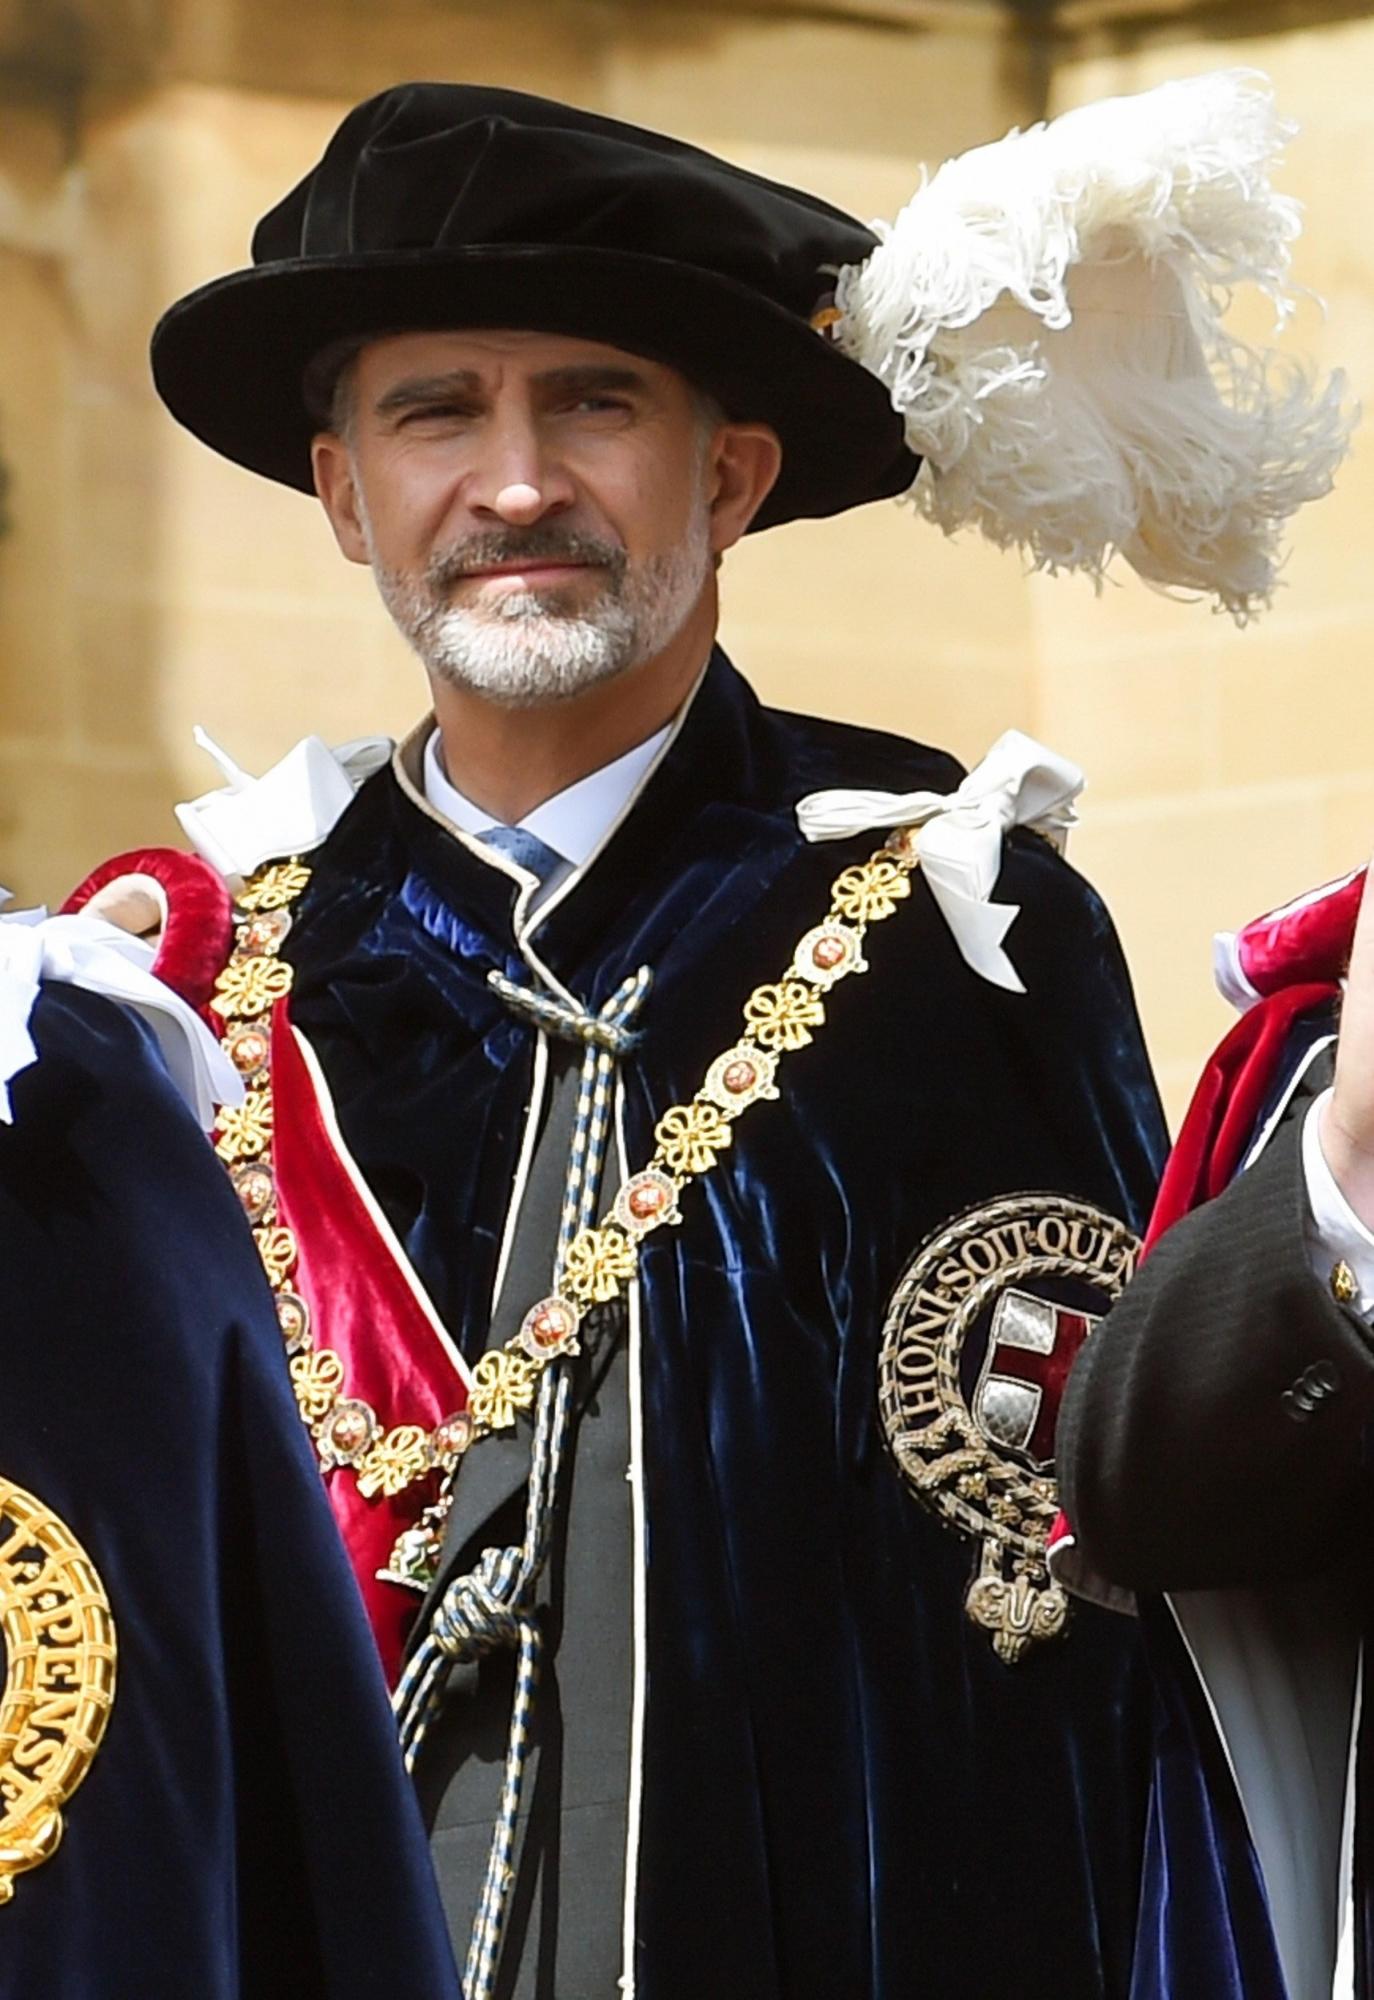 El rey Felipe VI, tras ser investido este mediodía nuevo caballero de la Orden de la Jarretera, la máxima distinción del Reino Unido. (Foto: EFE)